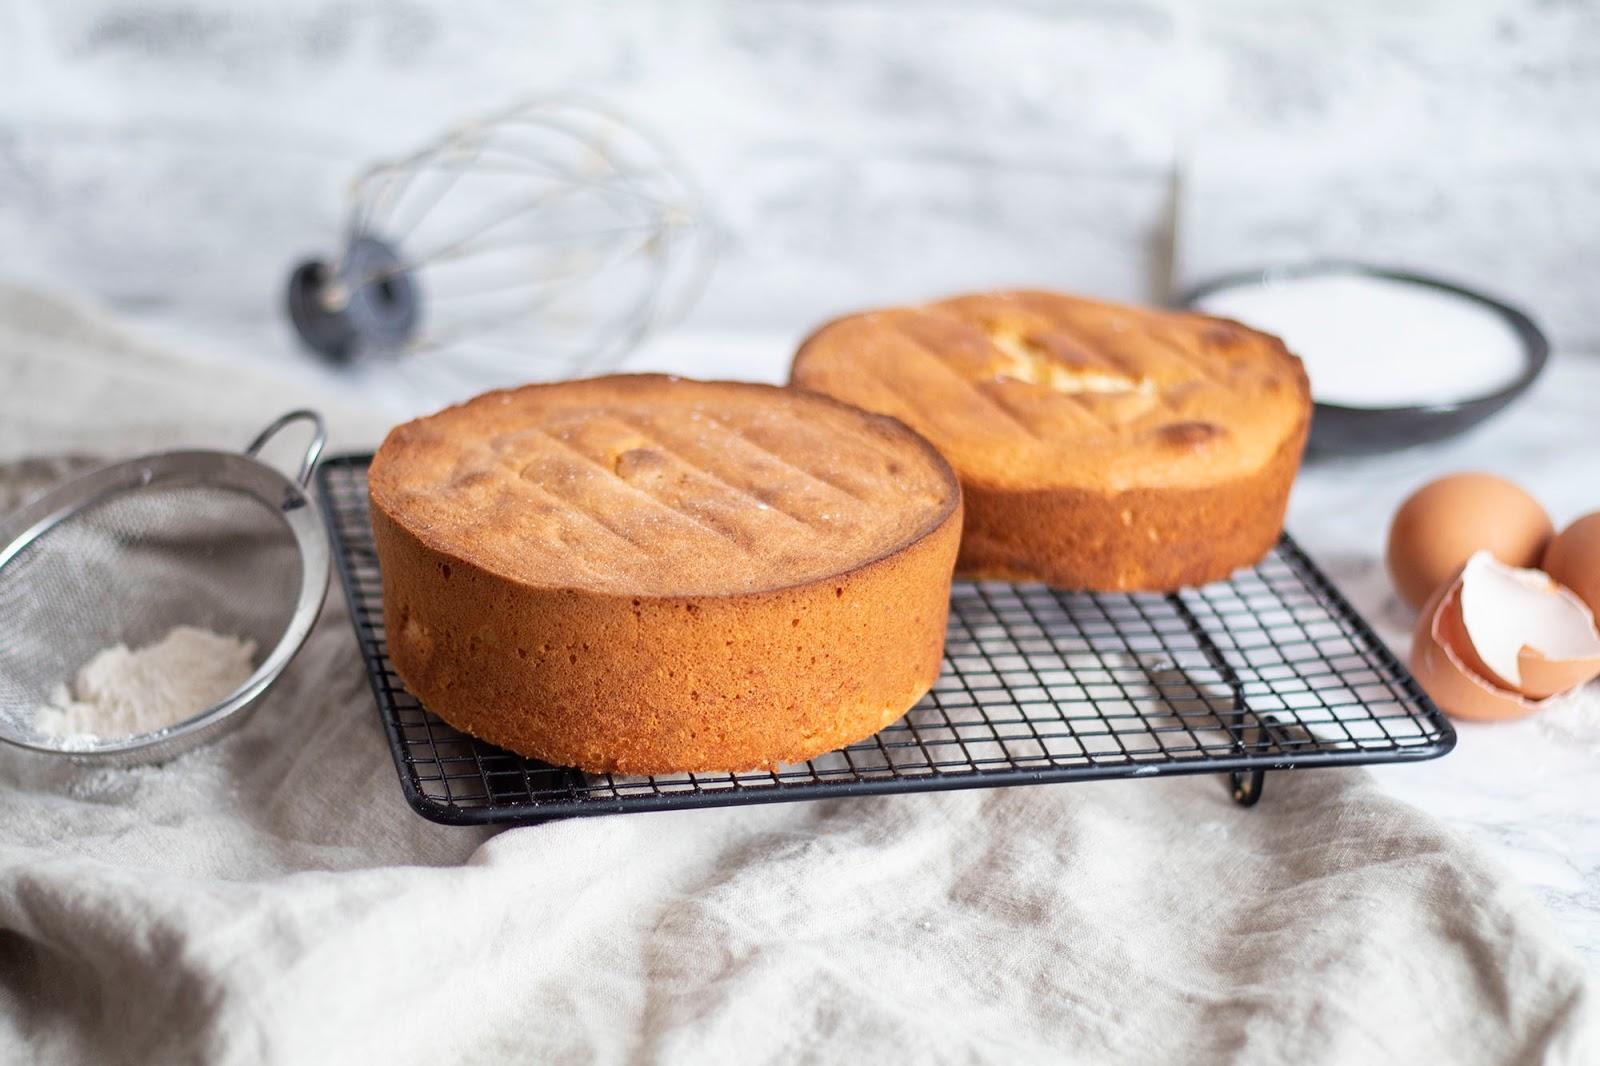 Recette d'une délicieuse génoise nature pour réaliser vos layer cakes